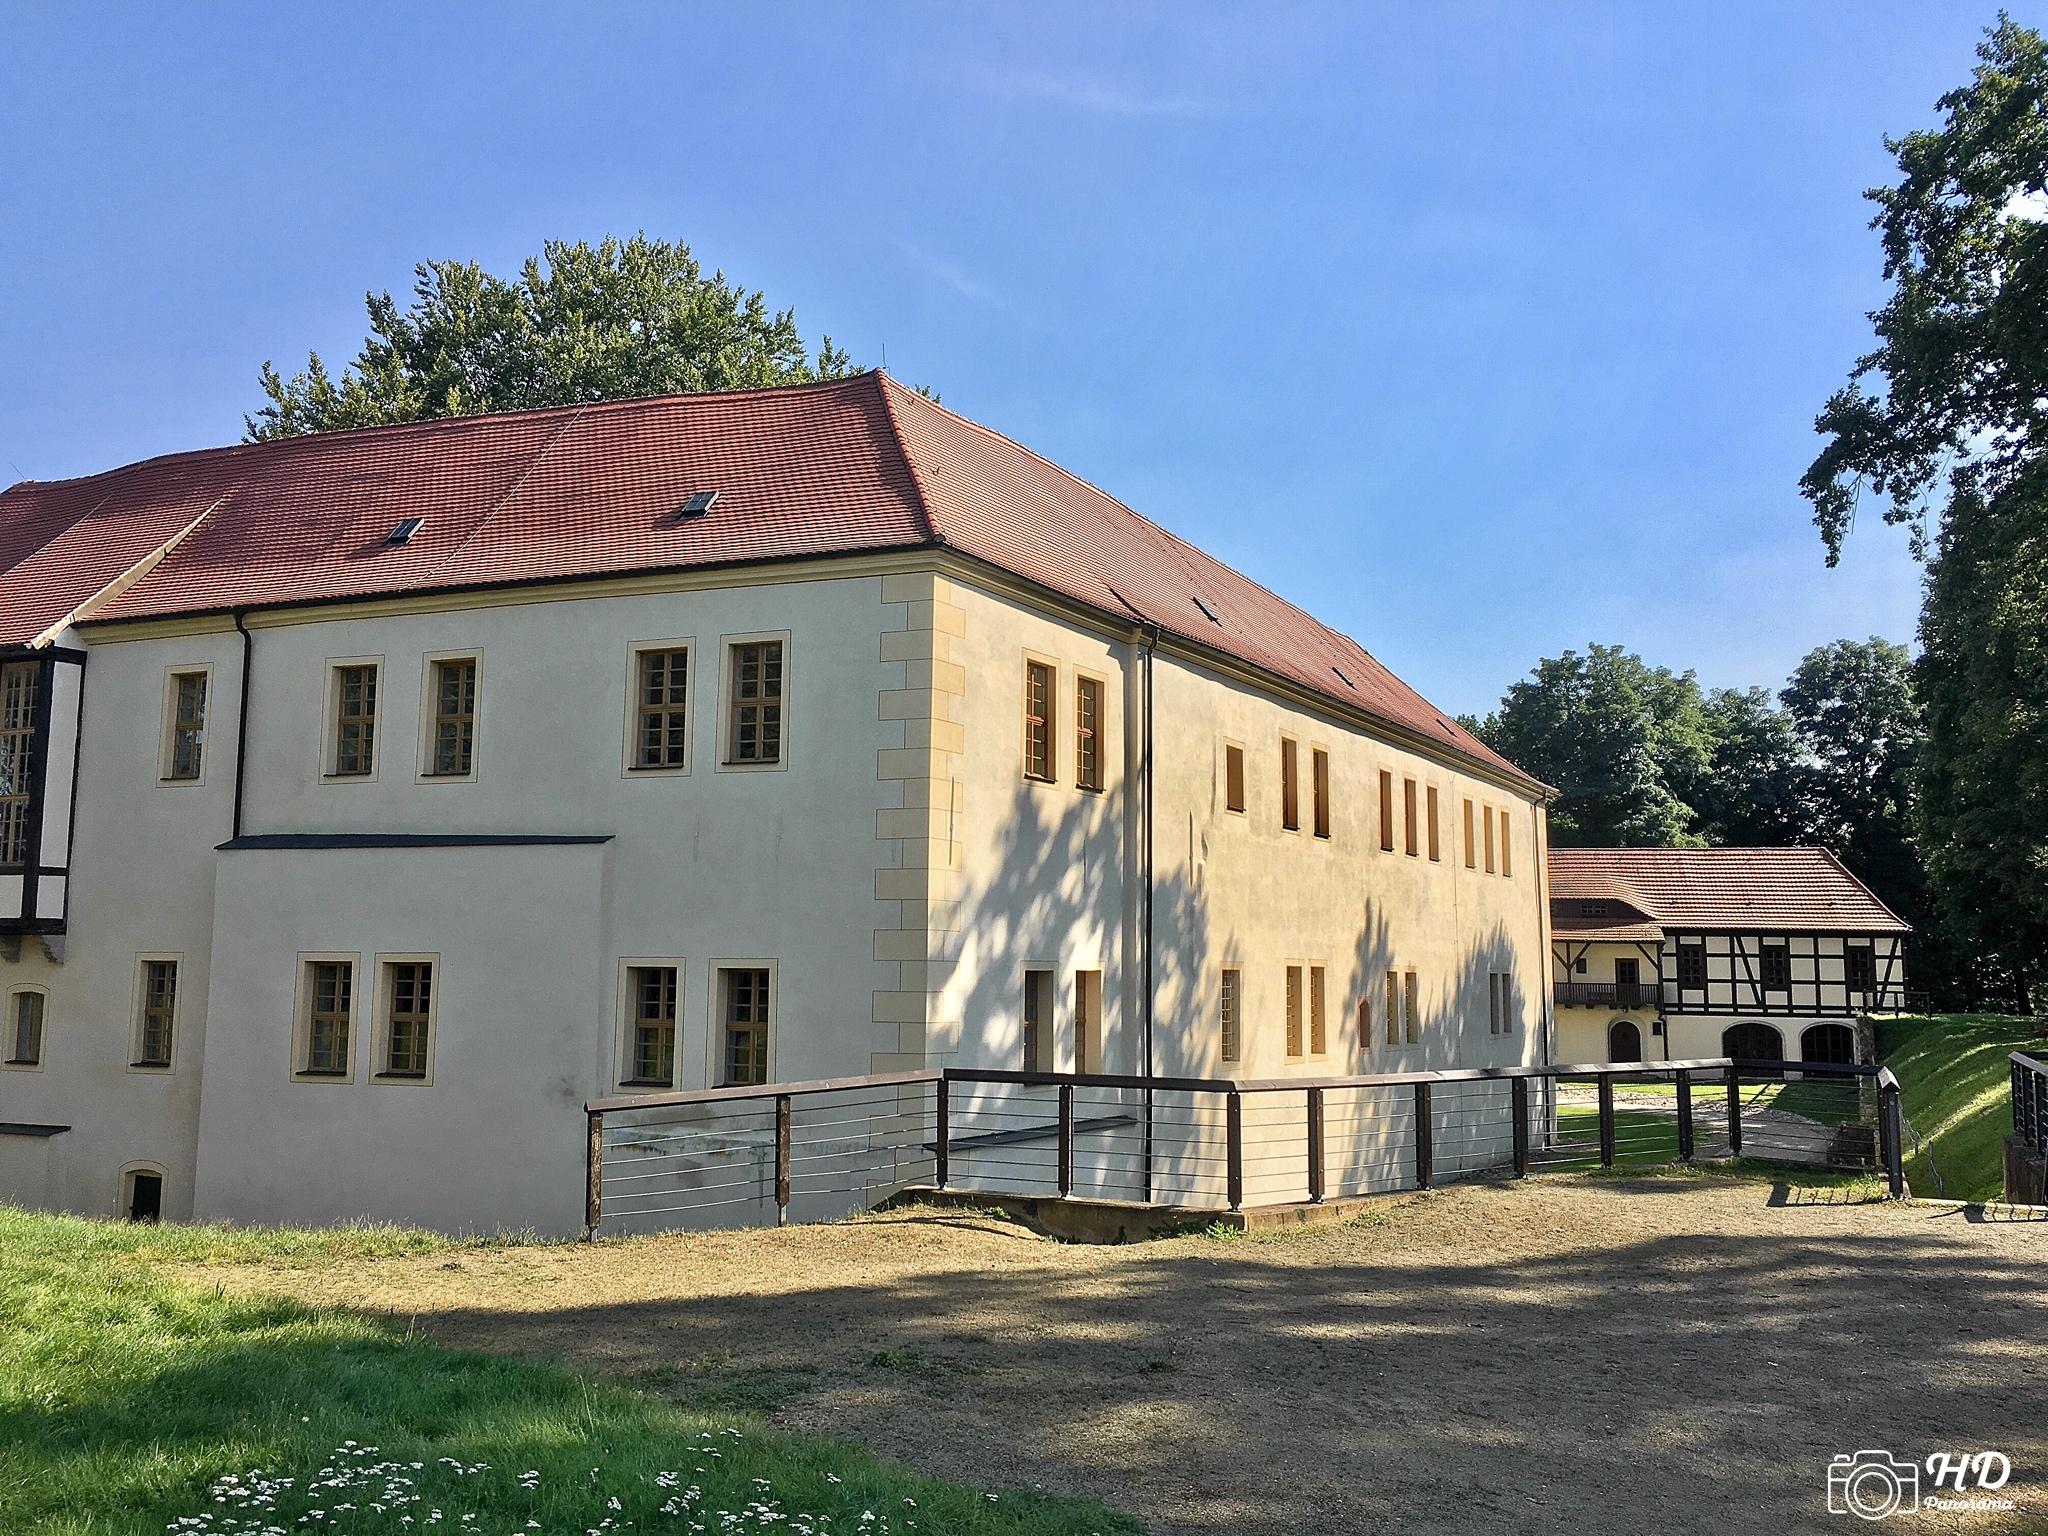 Schloss und Festung Senftenberg mit dem Kommandantenhaus im Hintergrund, Foto © René Blanke